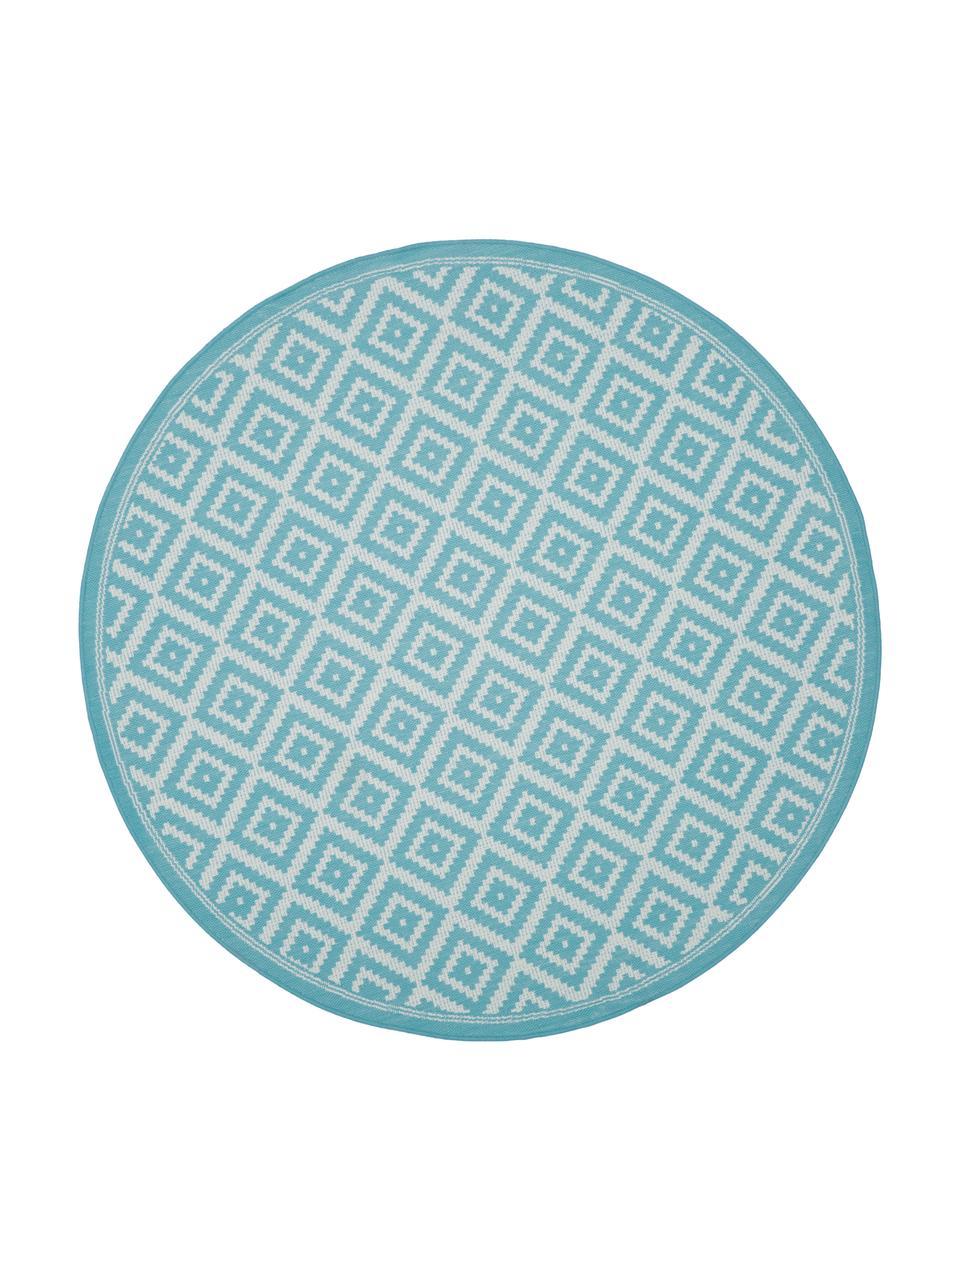 Gemusterter runder In- & Outdoor-Teppich Miami in Türkis/Weiß, 86% Polypropylen, 14% Polyester, Weiß, Türkis, Ø 200 cm (Größe L)